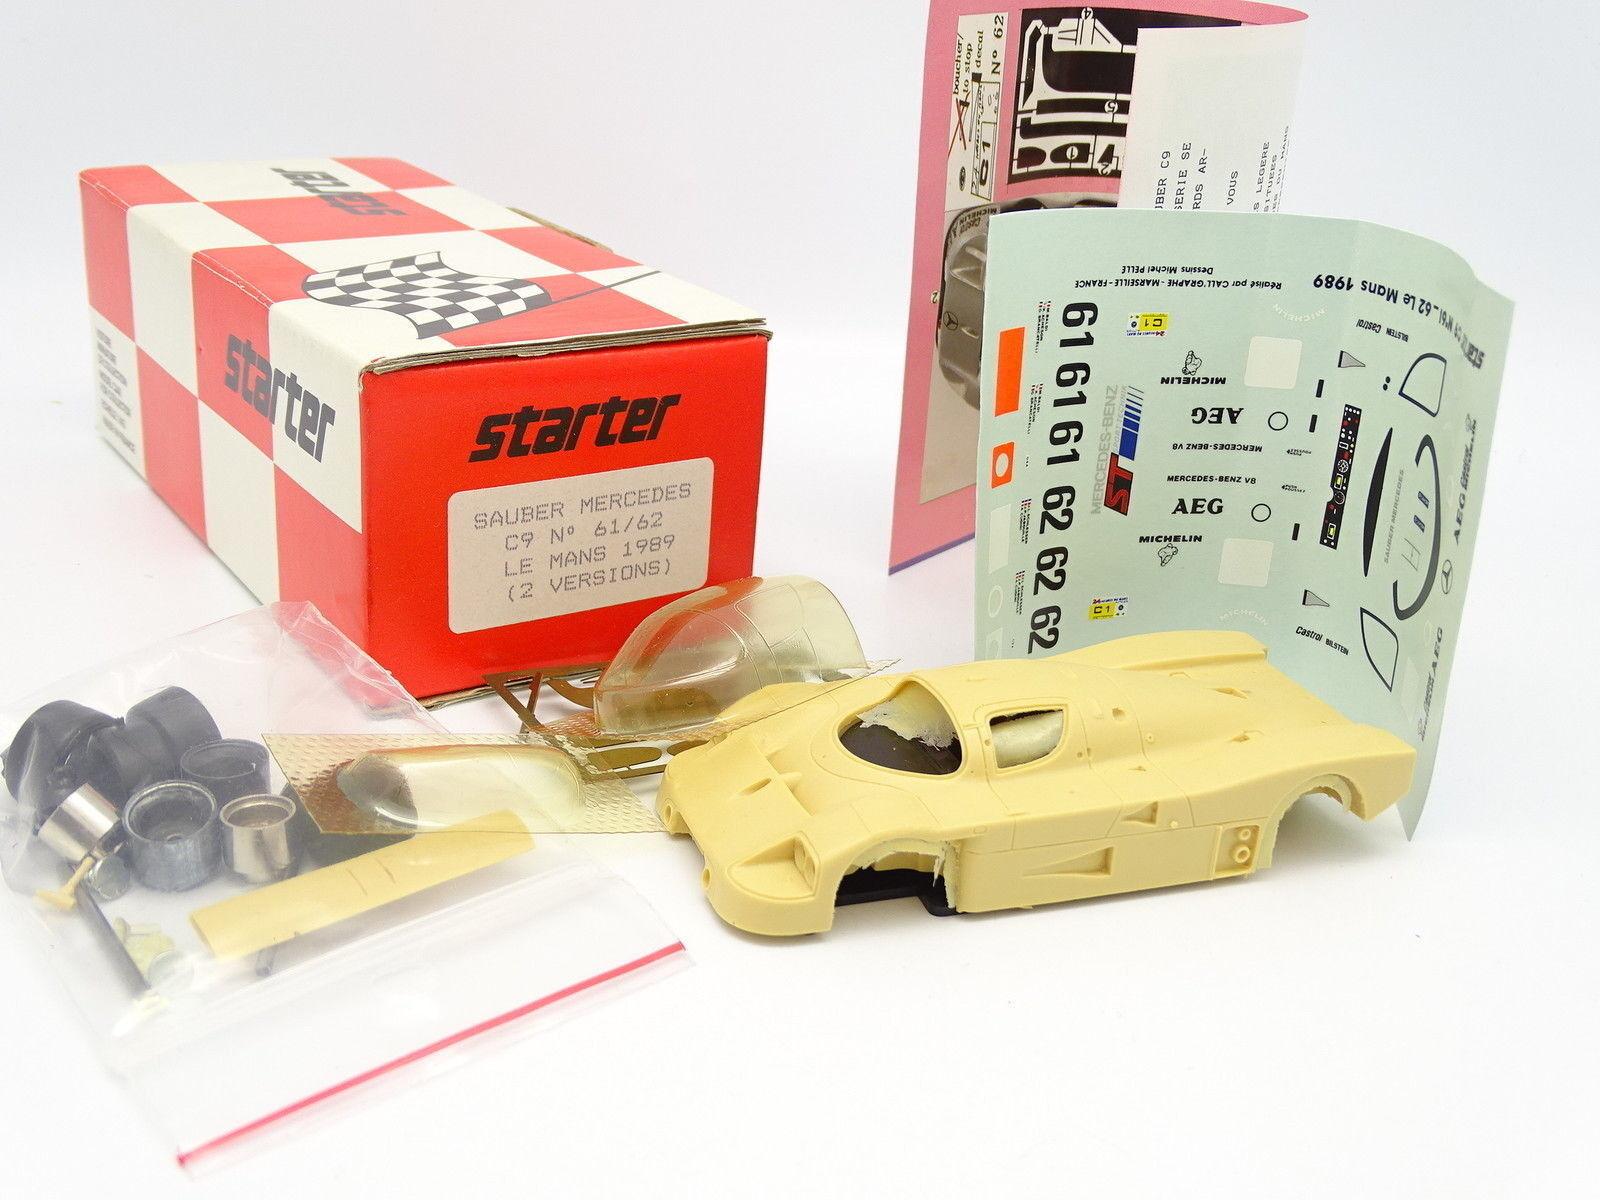 Starter Kit à Monter 1 43 - Sauber Mercedes C9 N°61 62 Le Mans 1989